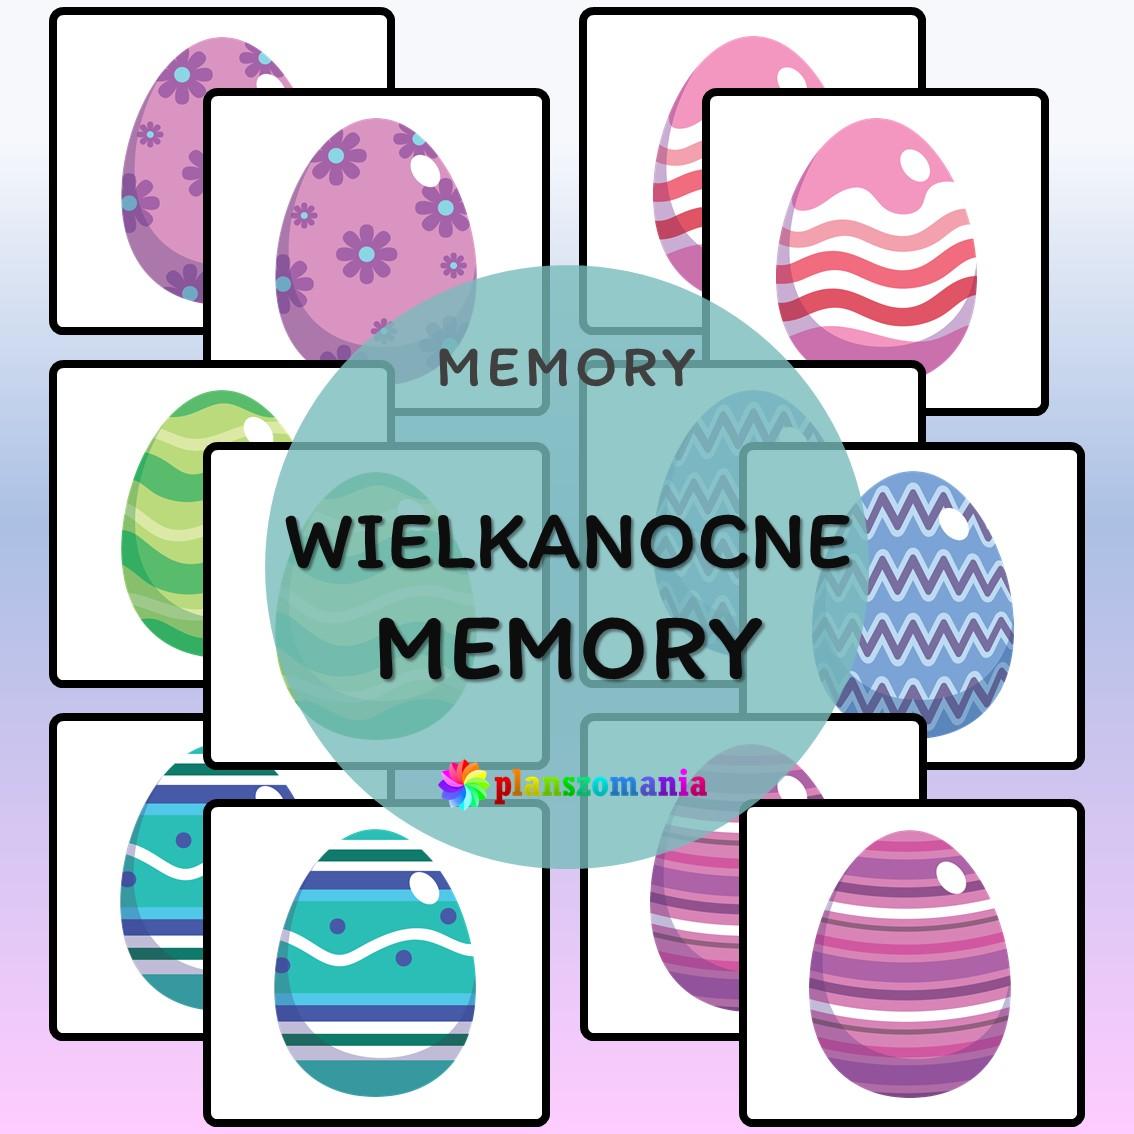 wielkanocne memory układanka edukacyjna ćwiczenie na pamięć planszomania edukacja dzieci pdf do druku trening pamięci memo